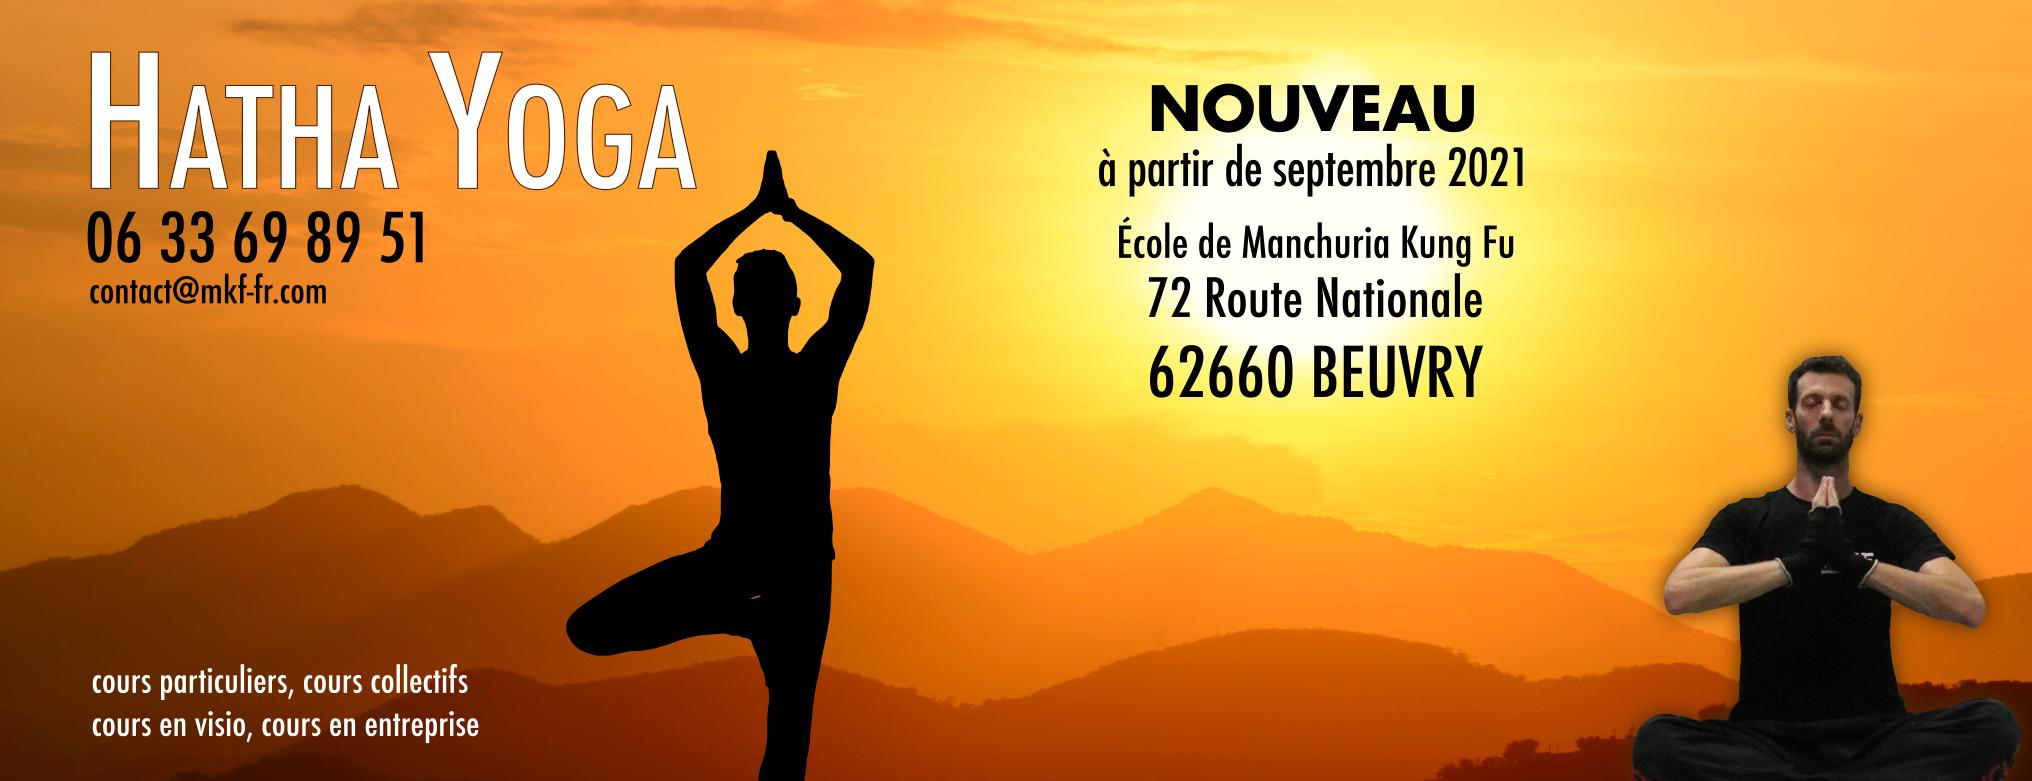 Nouveau : Hatha Yoga à beuvry